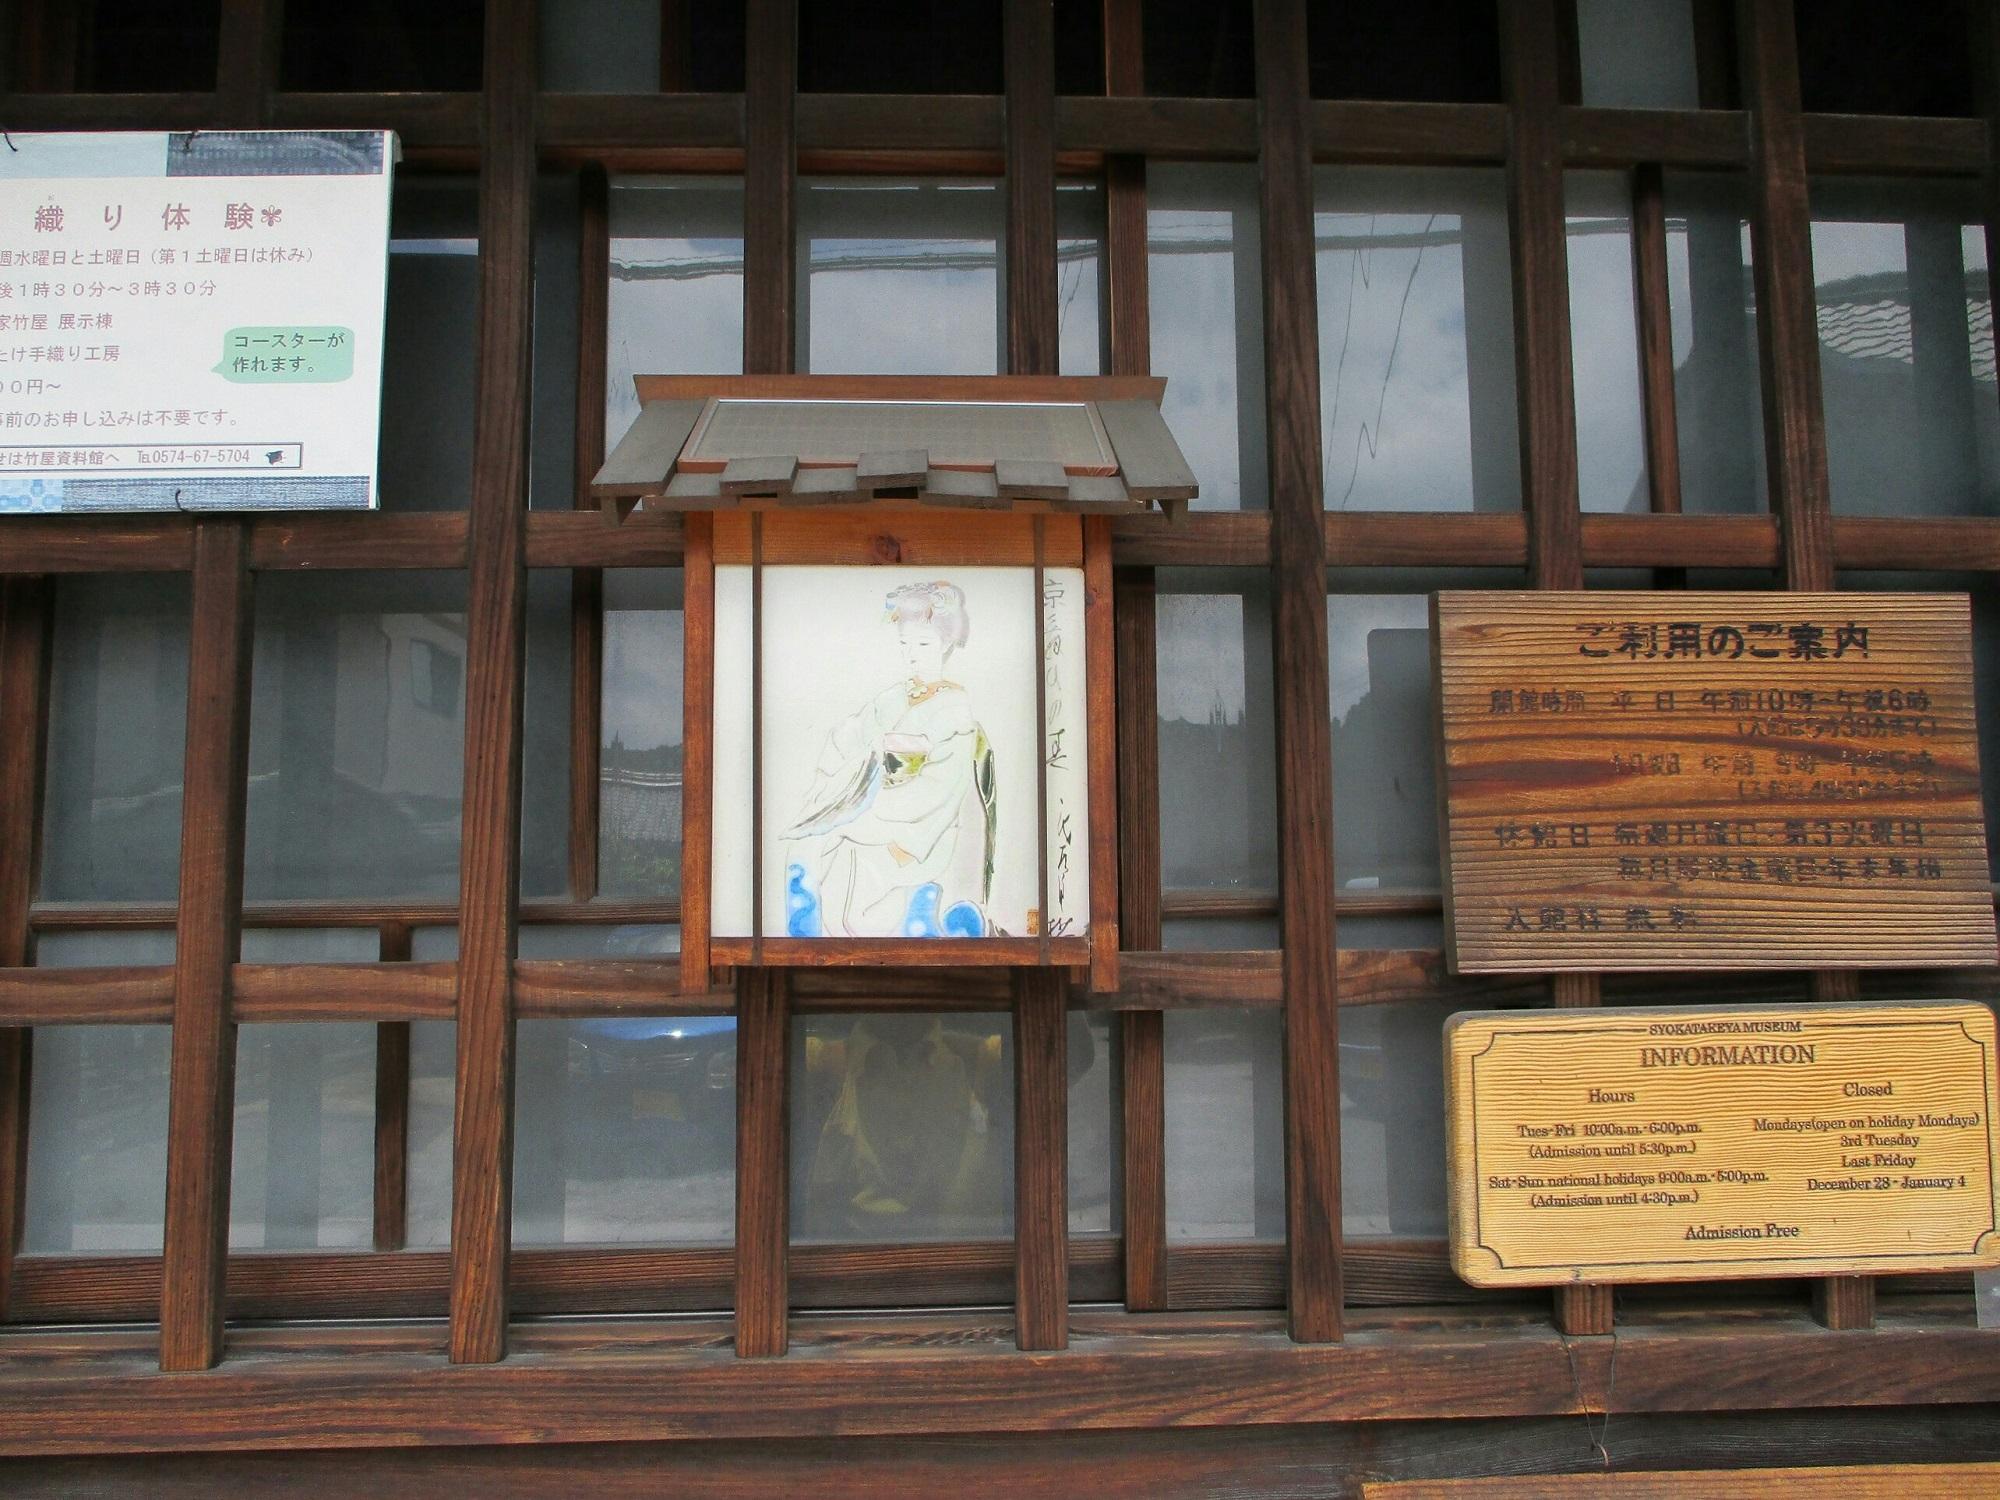 2018.6.7 みたけ (87) 商家竹屋 2000-1500